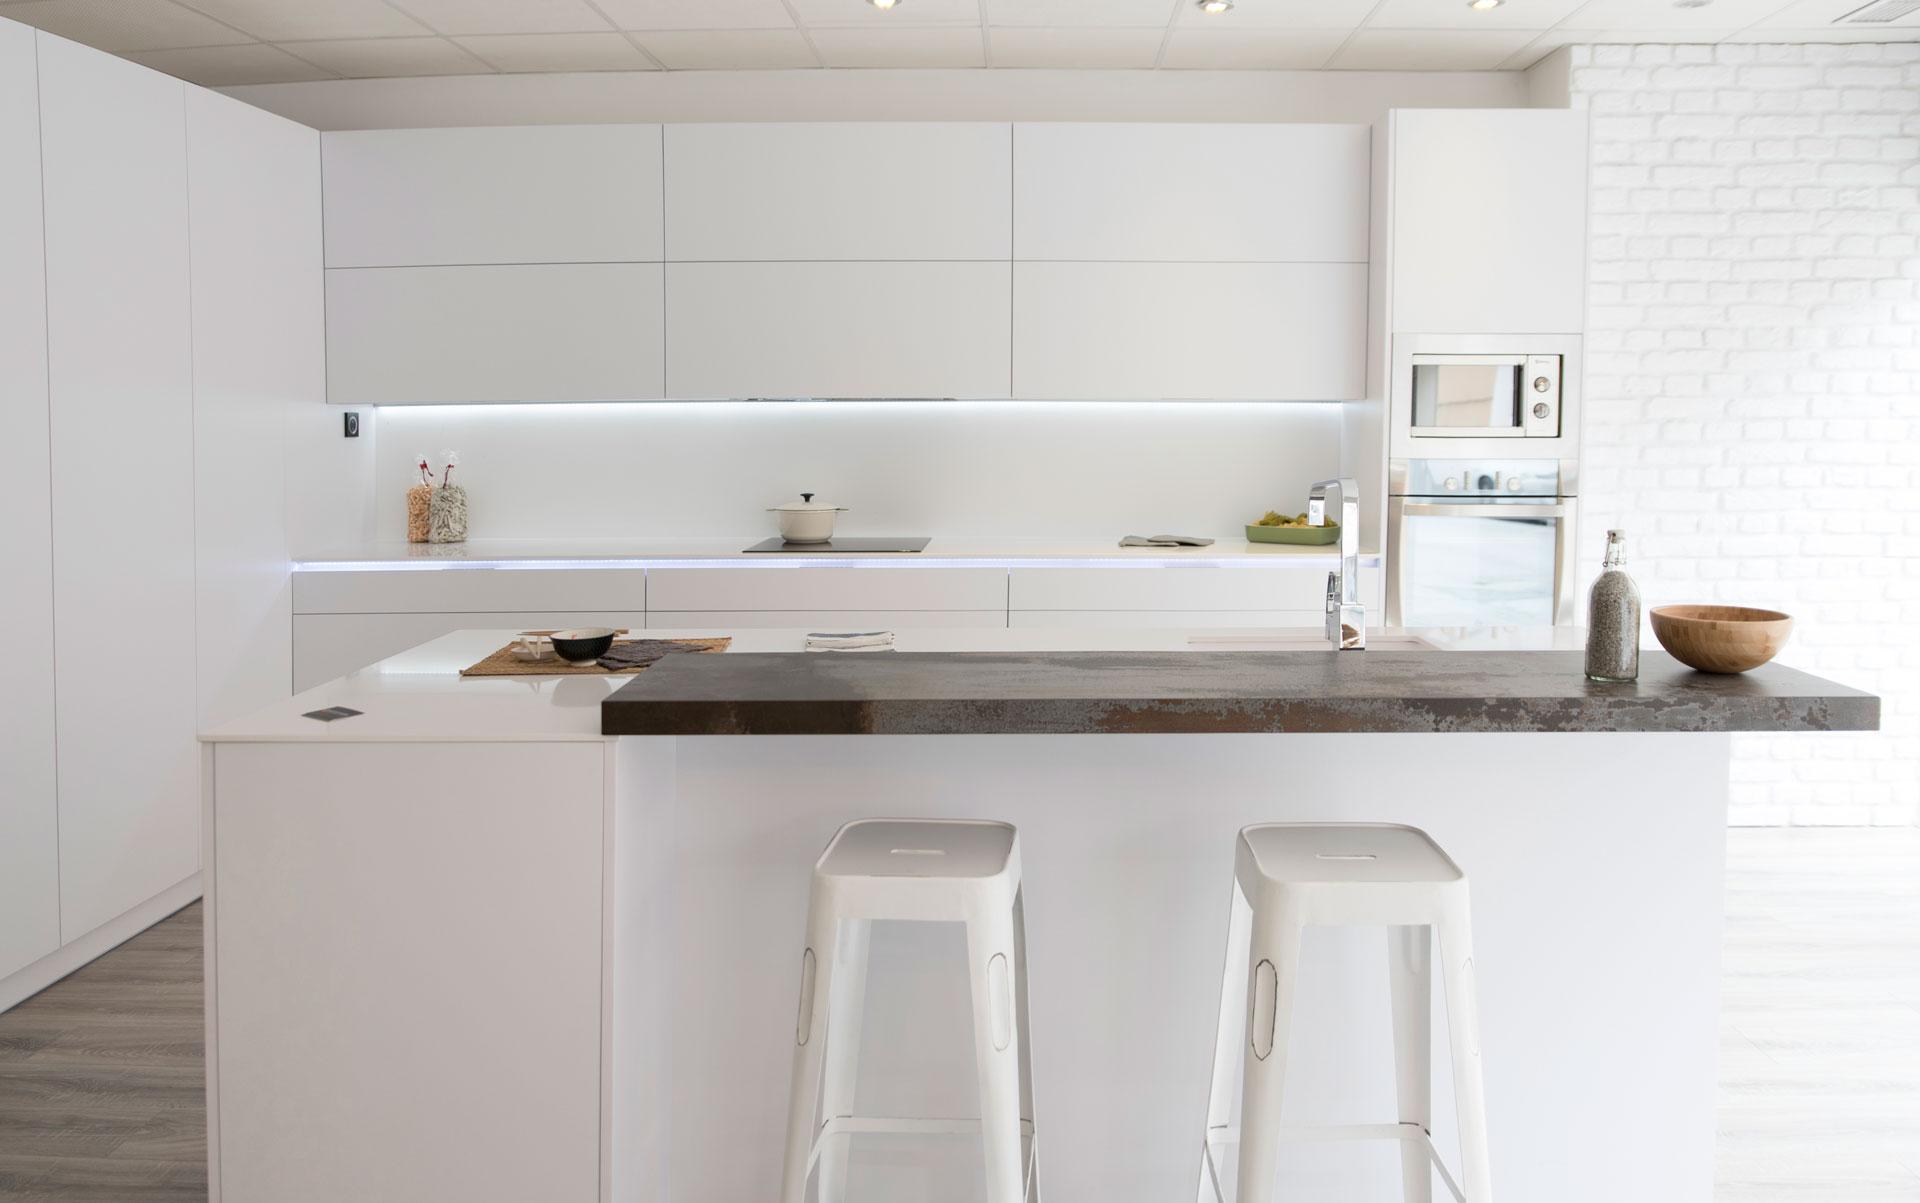 Muebles para la cocina sin tiradores arcomobel for Tiradores para muebles de cocina